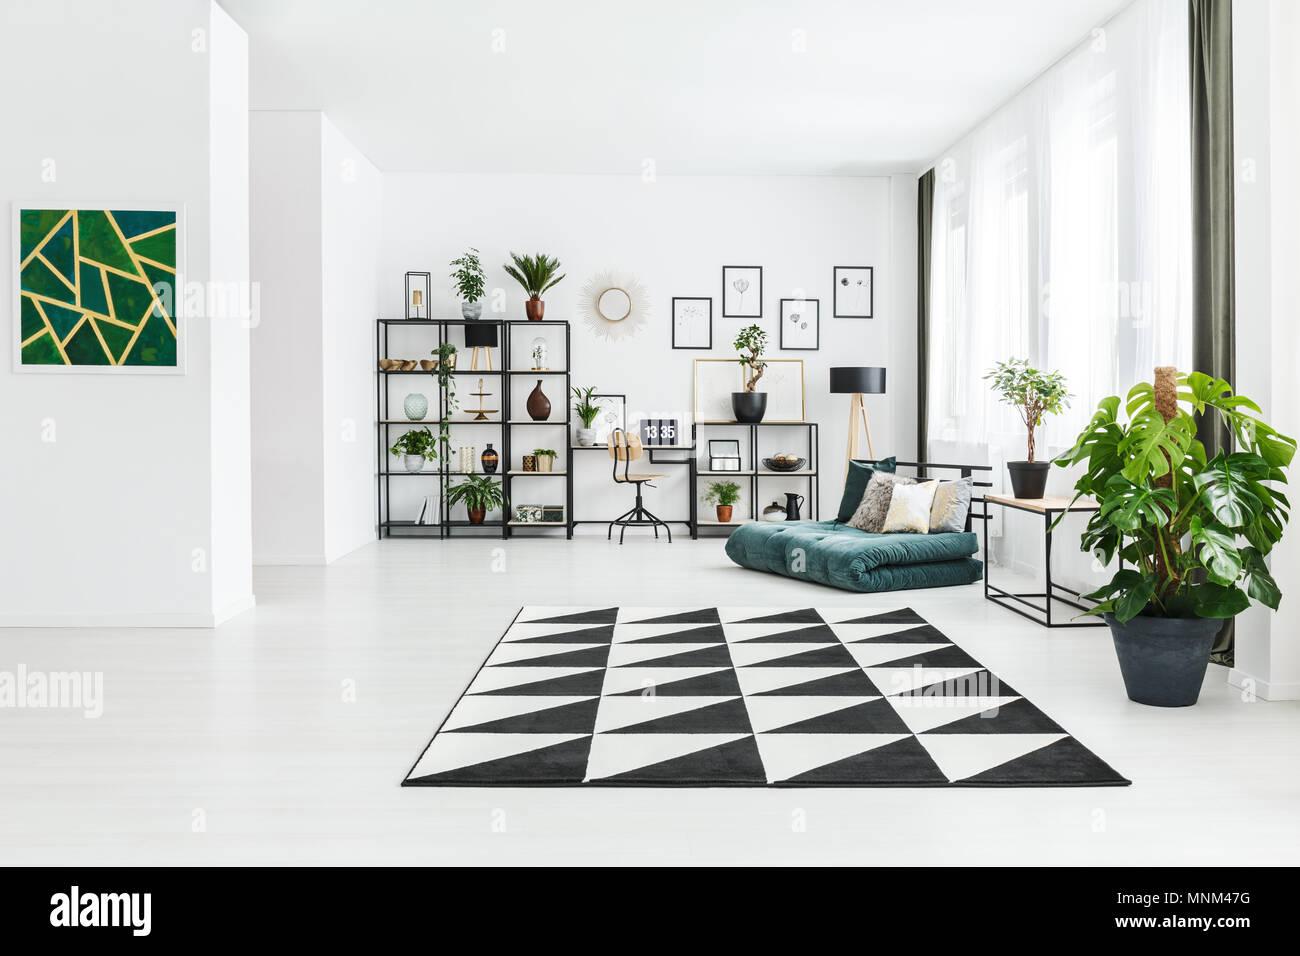 Planta de pintura verde y espacioso apartamento interior con colchones y alfombras geométricas Imagen De Stock